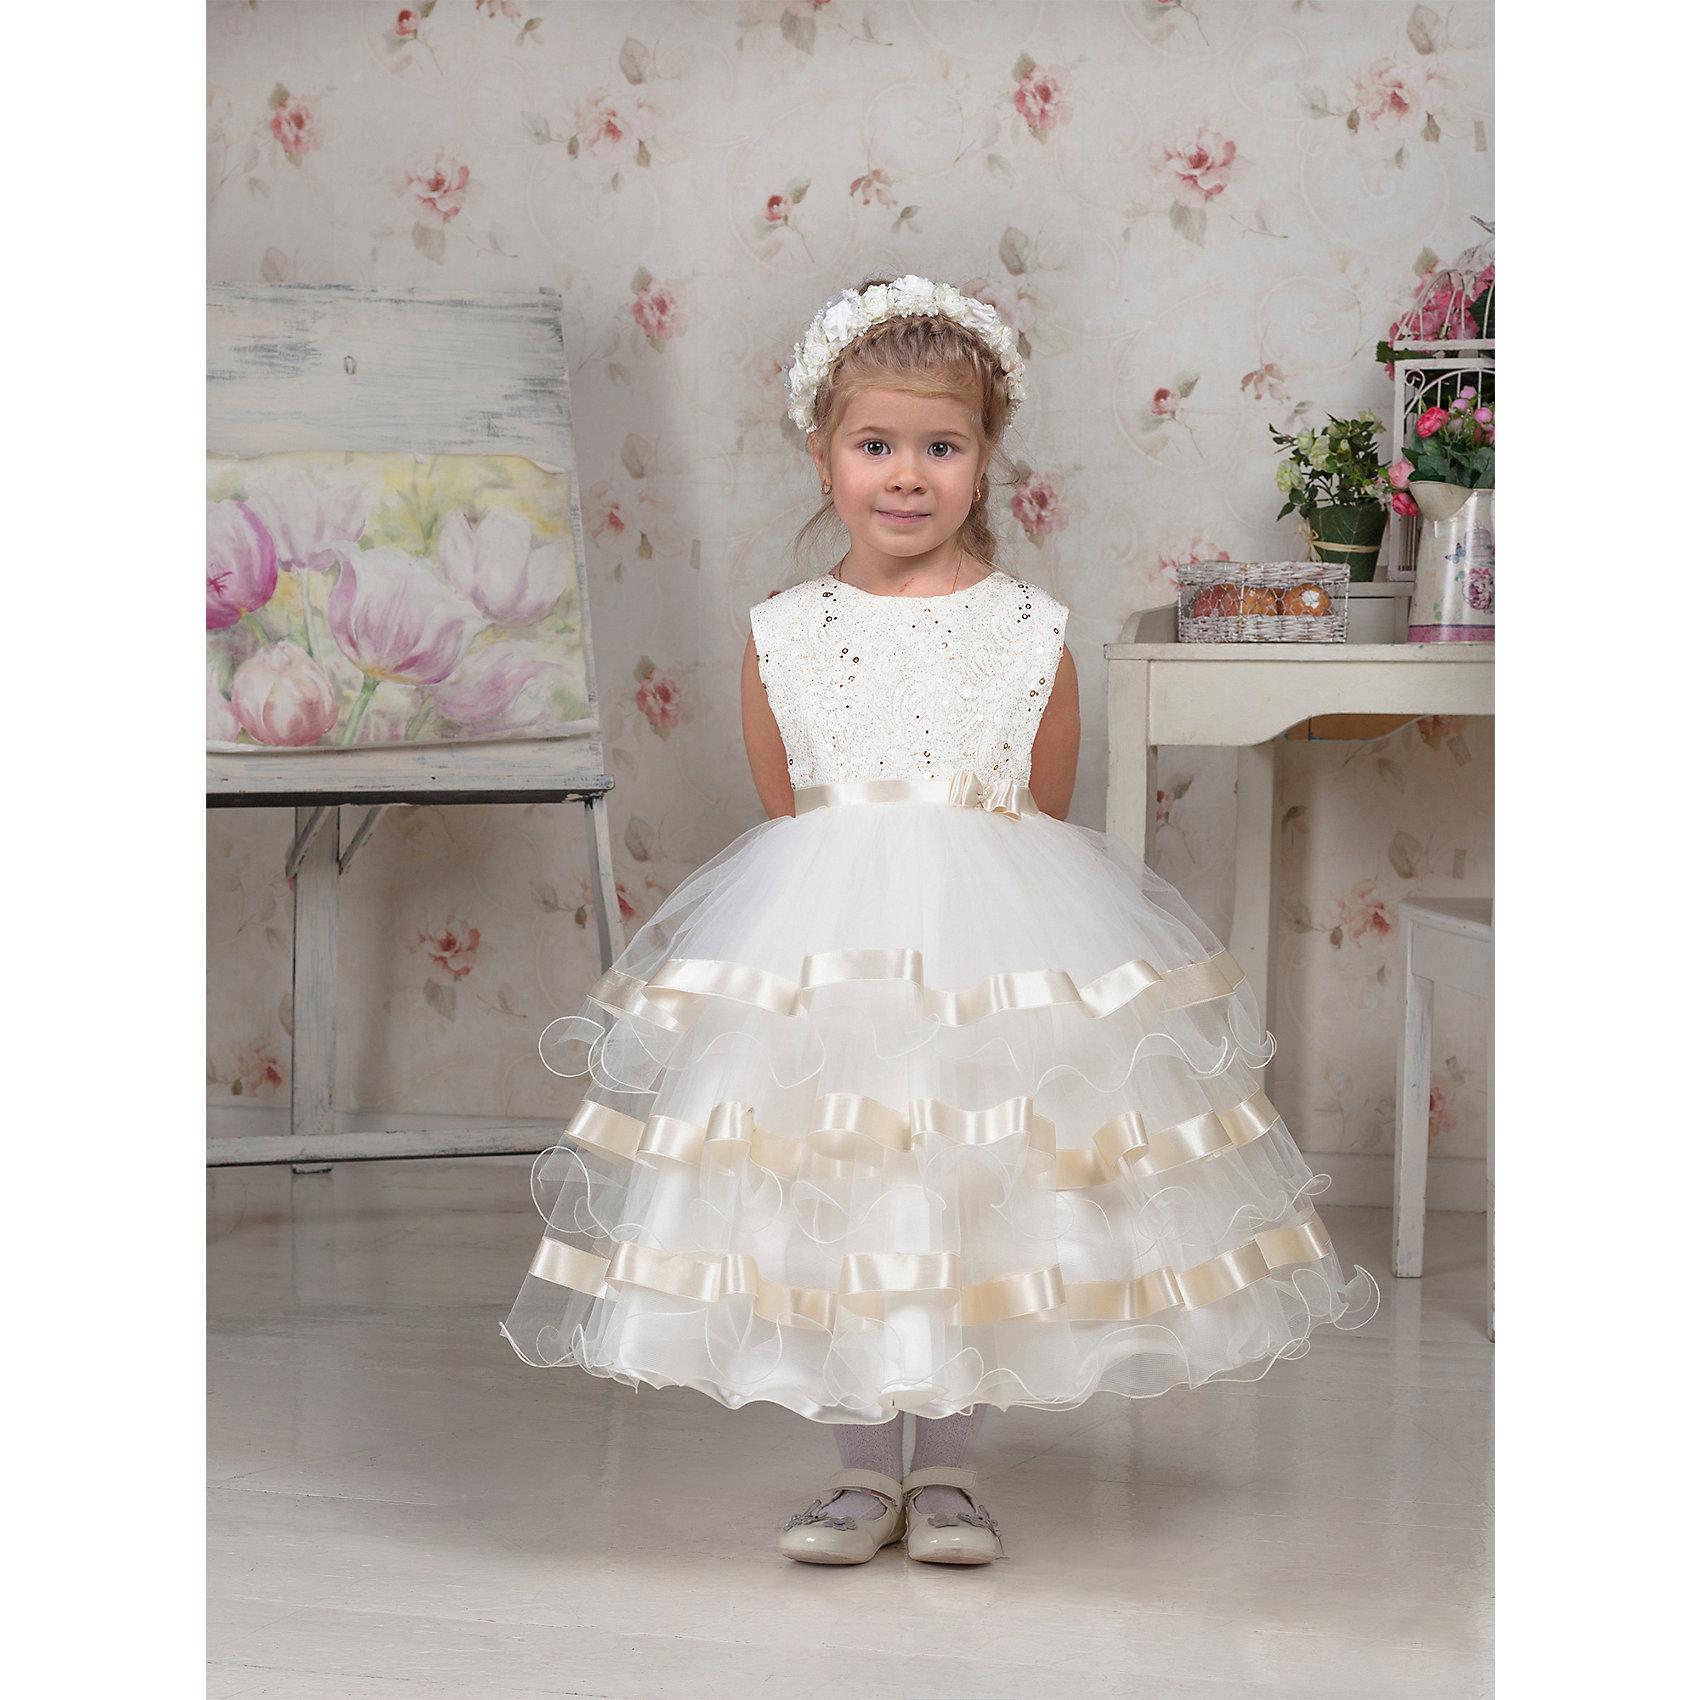 Платье нарядное ПрестижПлатье для девочки Престиж.<br><br>Характеристики:<br><br>• пышный силуэт<br>• без рукавов<br>• цвет: молочный<br>• состав: 100% полиэстер<br><br>Пышное платье Престиж поражает своей красотой. Воздушная юбка с атласными лентами по краю отлично сочетается с верхом, декорированным вышивкой, стразами и аппликацией. Тонкий атласный пояс дополняет образ юной дамы.<br>Платье застегивается на молнию по спинке.<br><br>Платье регулируется шнуровкой сзади, от талии до верха спинки. Шнуровка в комплекте.<br>Платье подходит для занятий бальными танцами.<br><br>Вы можете купить платье для девочки Престиж в нашем интернет-магазине.<br><br>Ширина мм: 236<br>Глубина мм: 16<br>Высота мм: 184<br>Вес г: 177<br>Цвет: молочный<br>Возраст от месяцев: 72<br>Возраст до месяцев: 84<br>Пол: Женский<br>Возраст: Детский<br>Размер: 116<br>SKU: 5158306